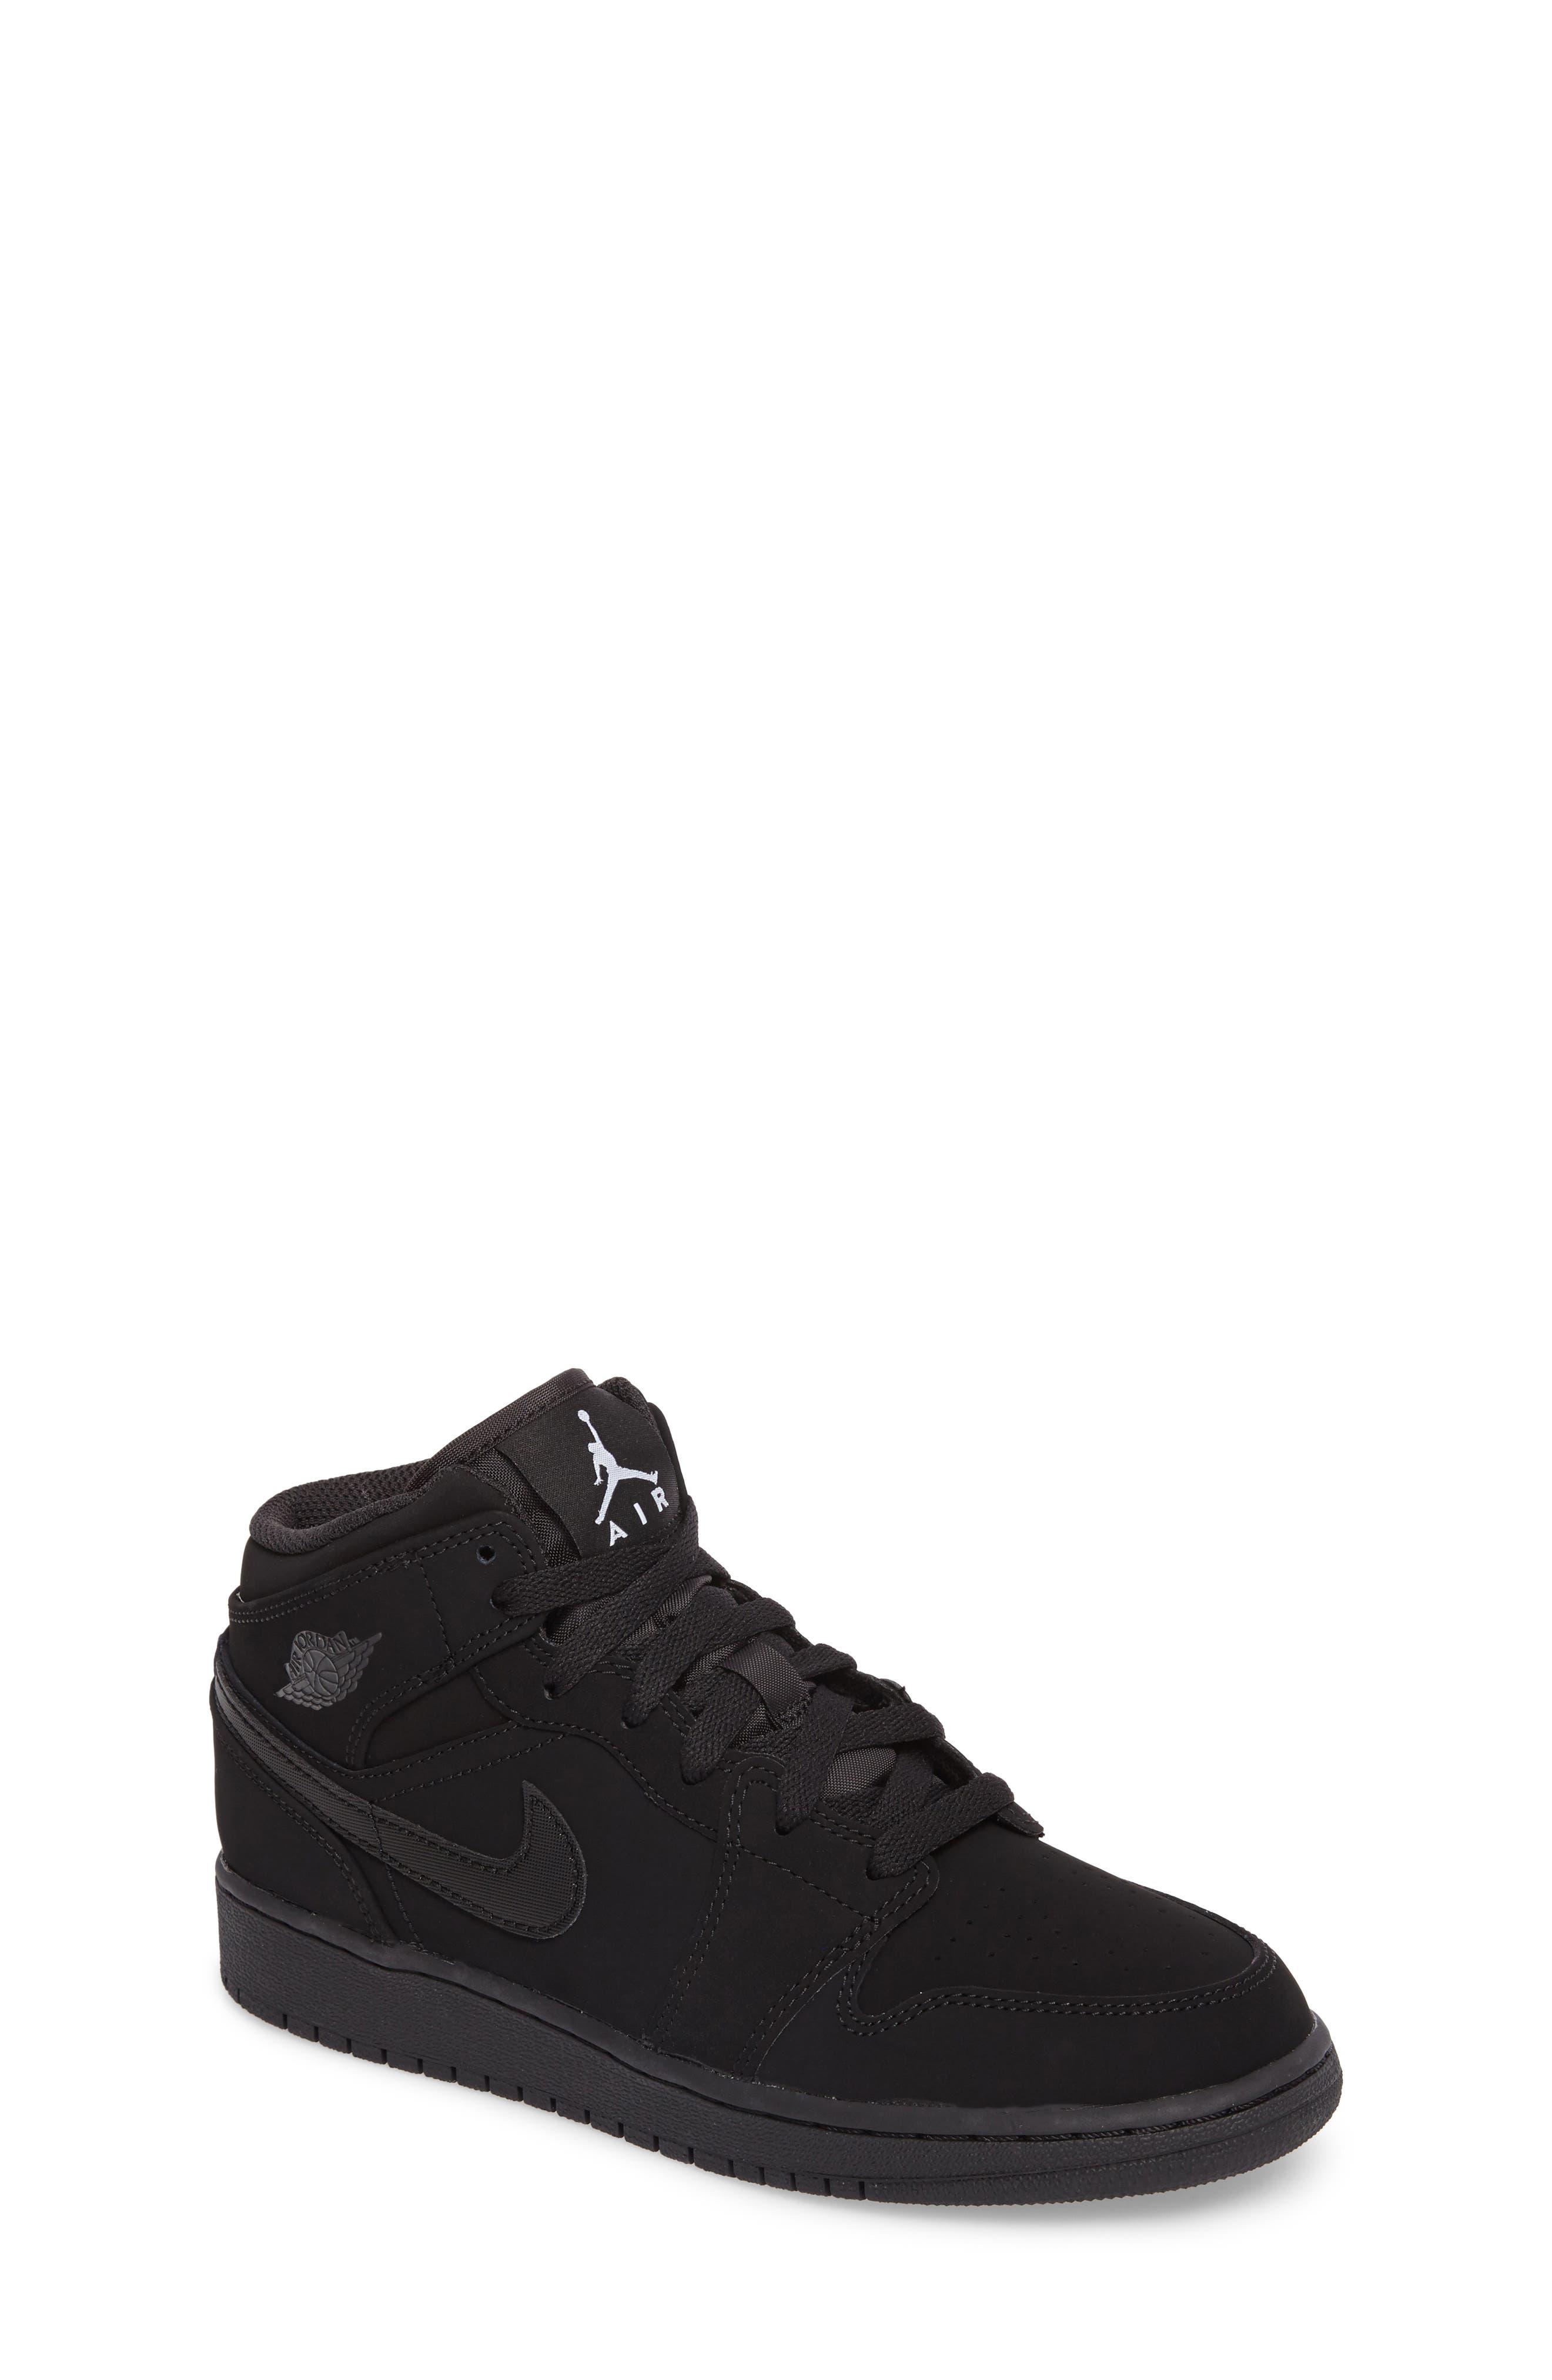 Nike 'Air Jordan 1 Mid' Sneaker,                         Main,                         color, Black